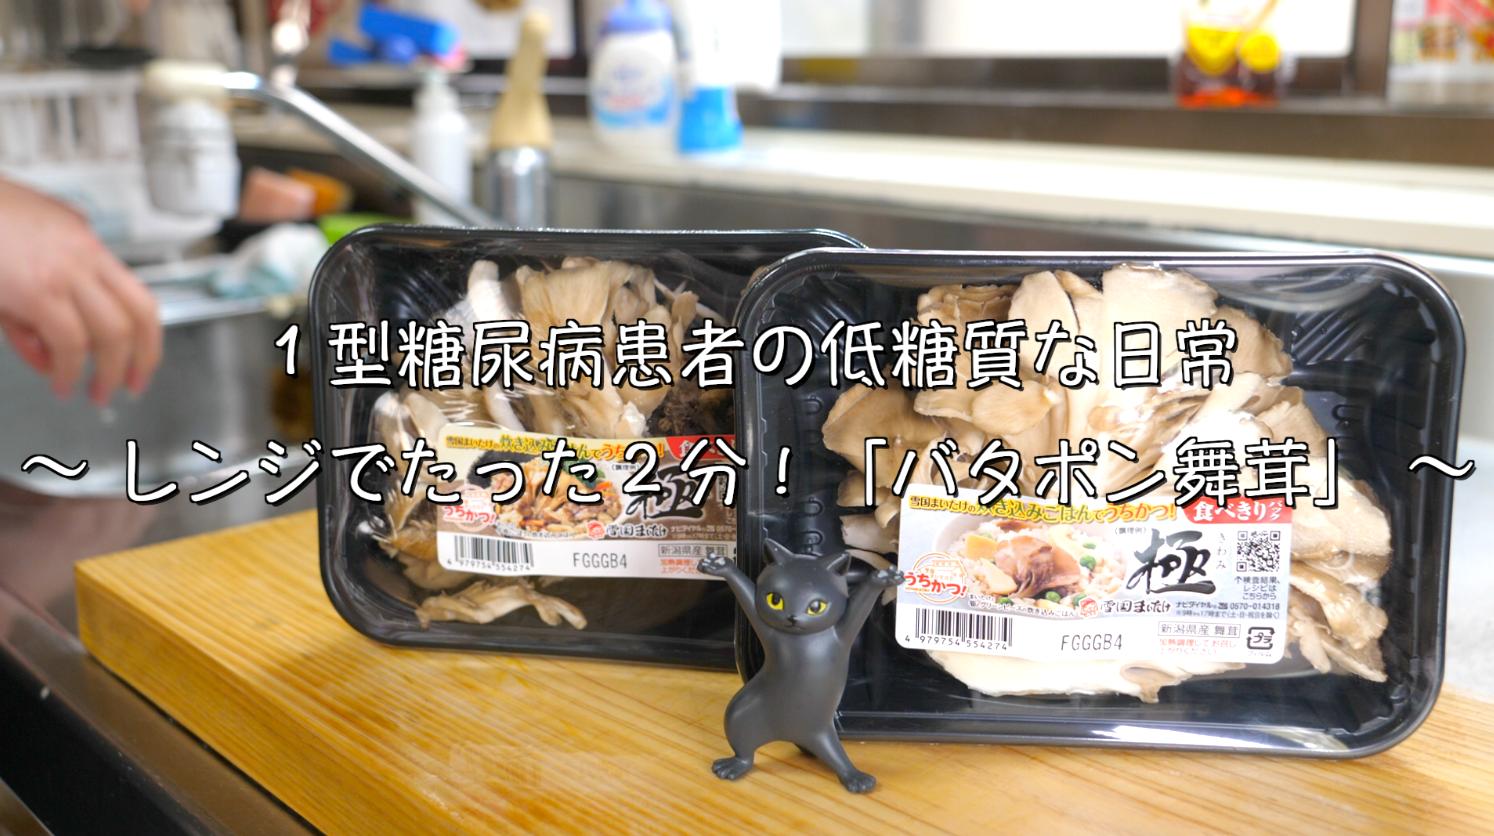 舞茸 レンジ レシピ ダイエット